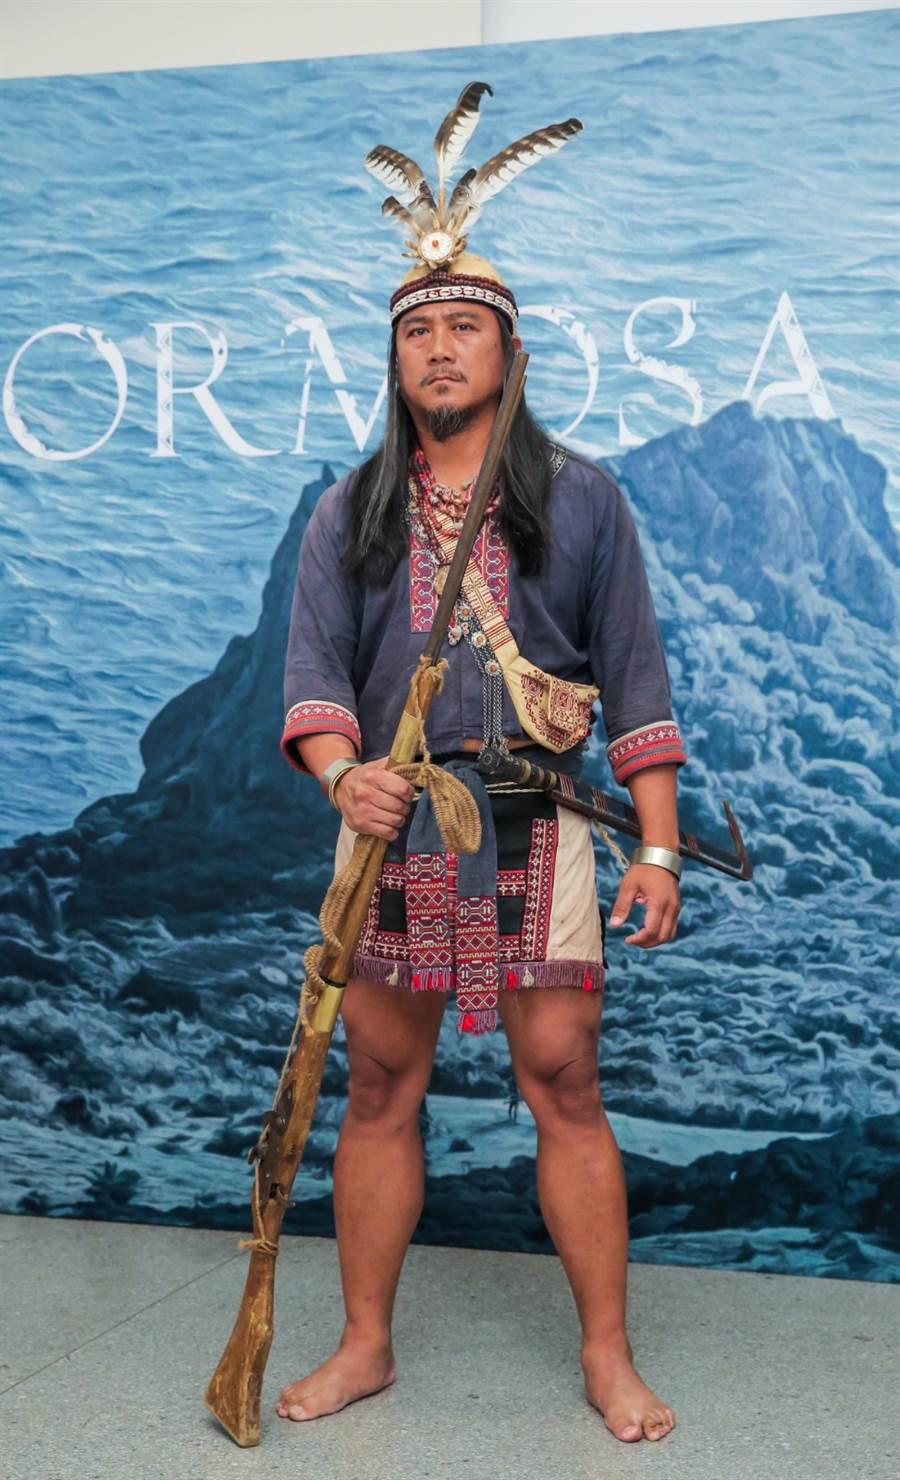 查馬克・法拉屋樂在公視《斯卡羅》飾演部落領袖。(盧禕祺攝)